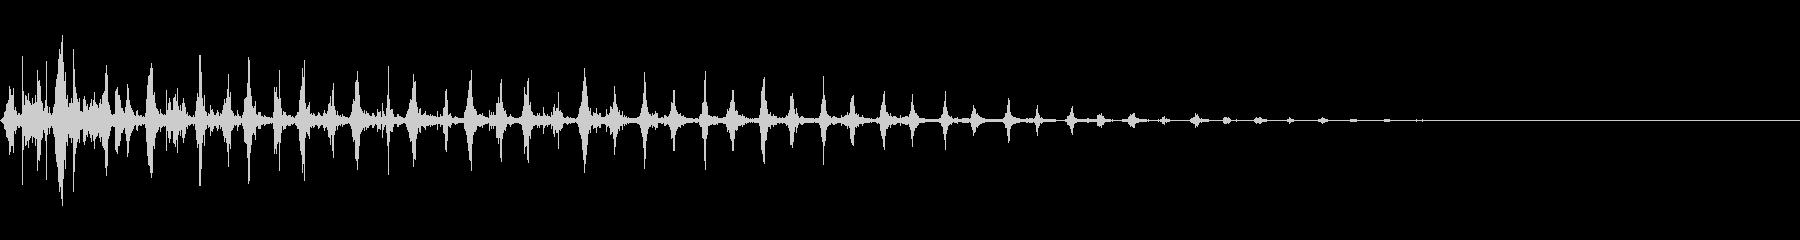 マラカスの連続音(コミカル・遠ざかる)の未再生の波形